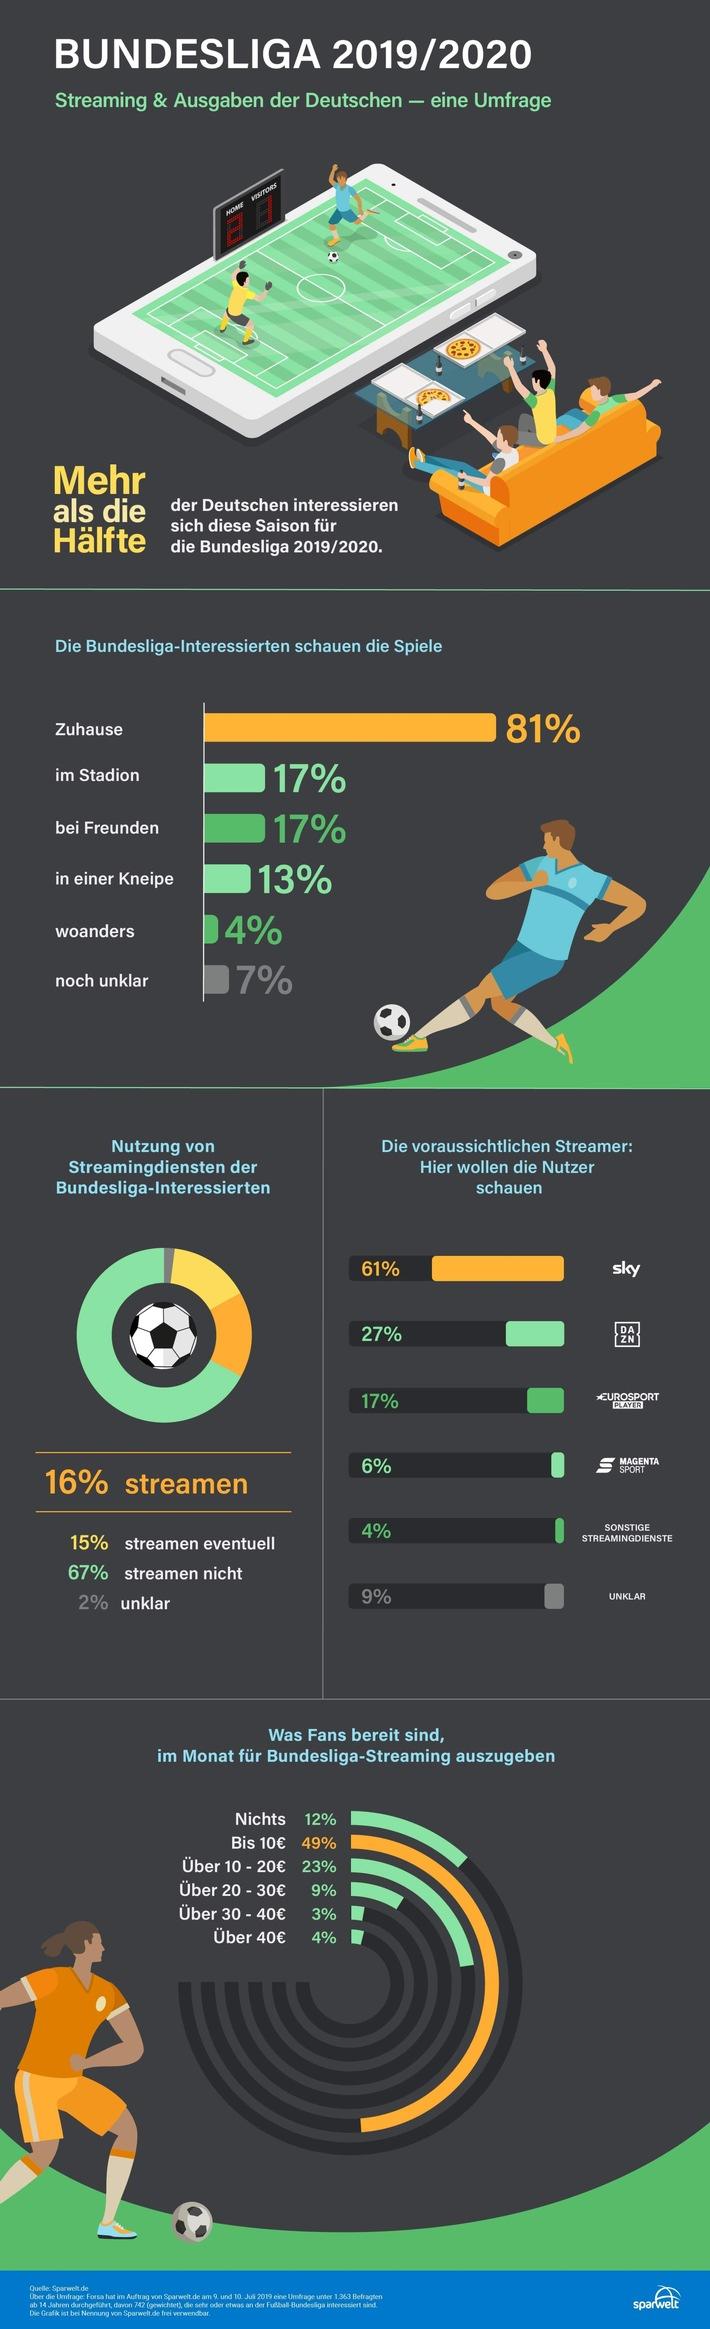 Forsa-Umfrage zur Bundesliga 2019 / 2020: Diese Streamingdienste nutzen die Deutschen für die Spiele und so viel sind sie bereit dafür zu zahlen (FOTO)